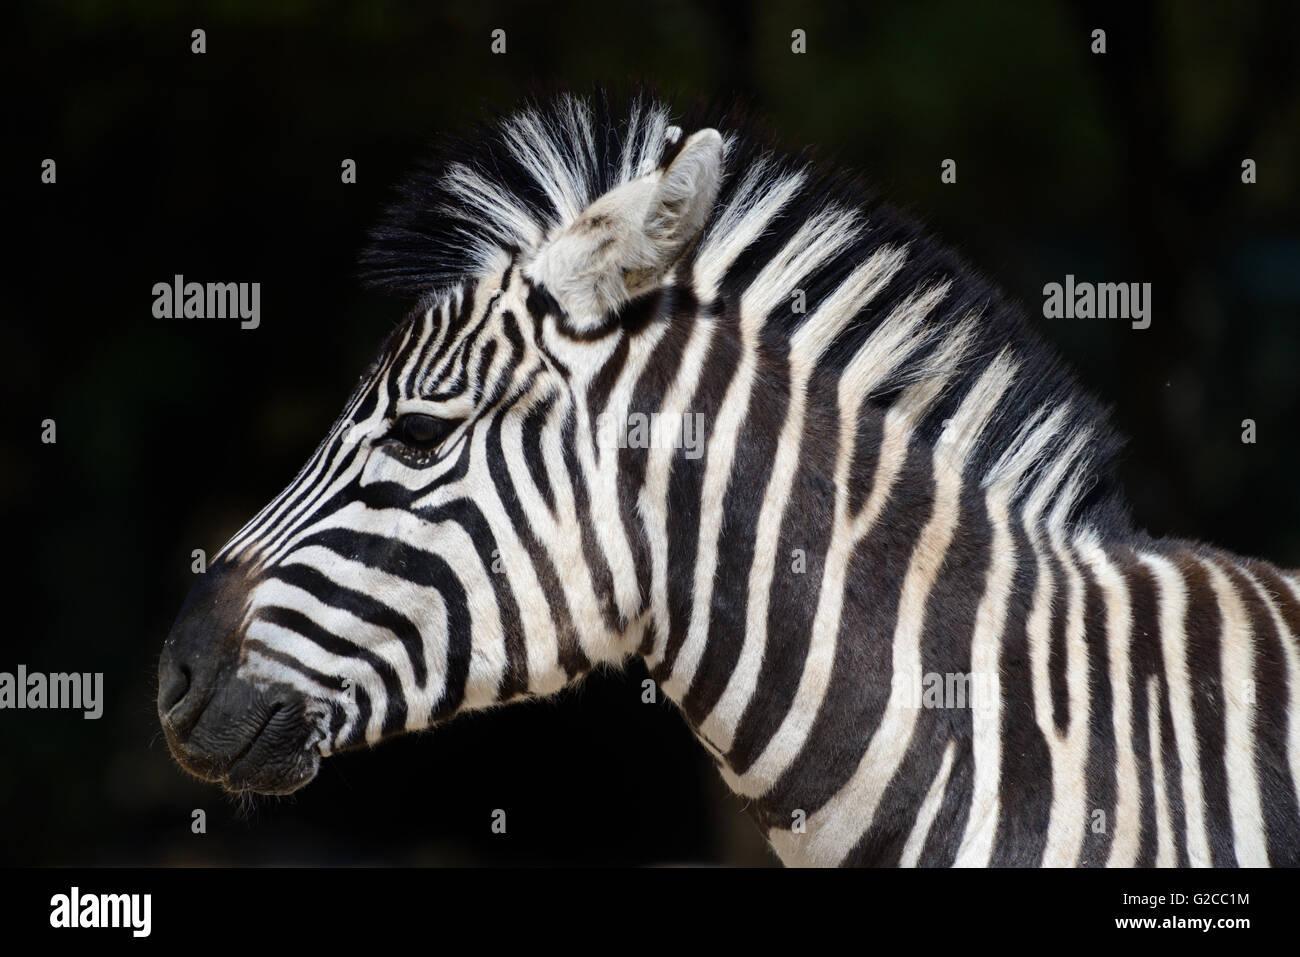 Ritratto di Burchell's Zebra (Equus quagga burchellii) Immagini Stock